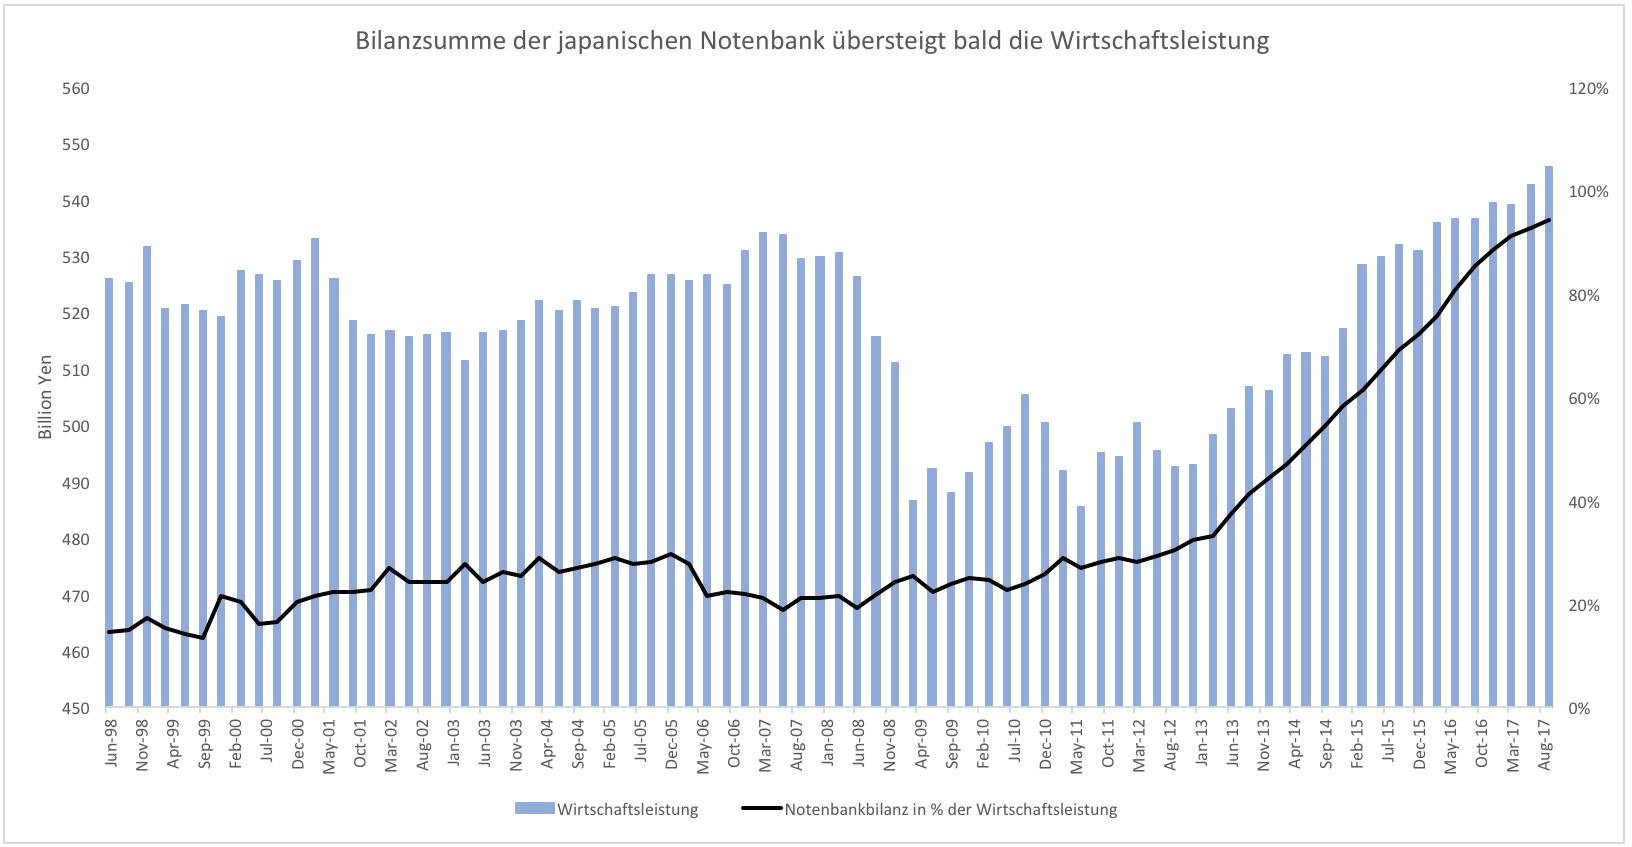 Aktienrally-in-Japan-schon-wieder-vorbei-Kommentar-Clemens-Schmale-GodmodeTrader.de-3